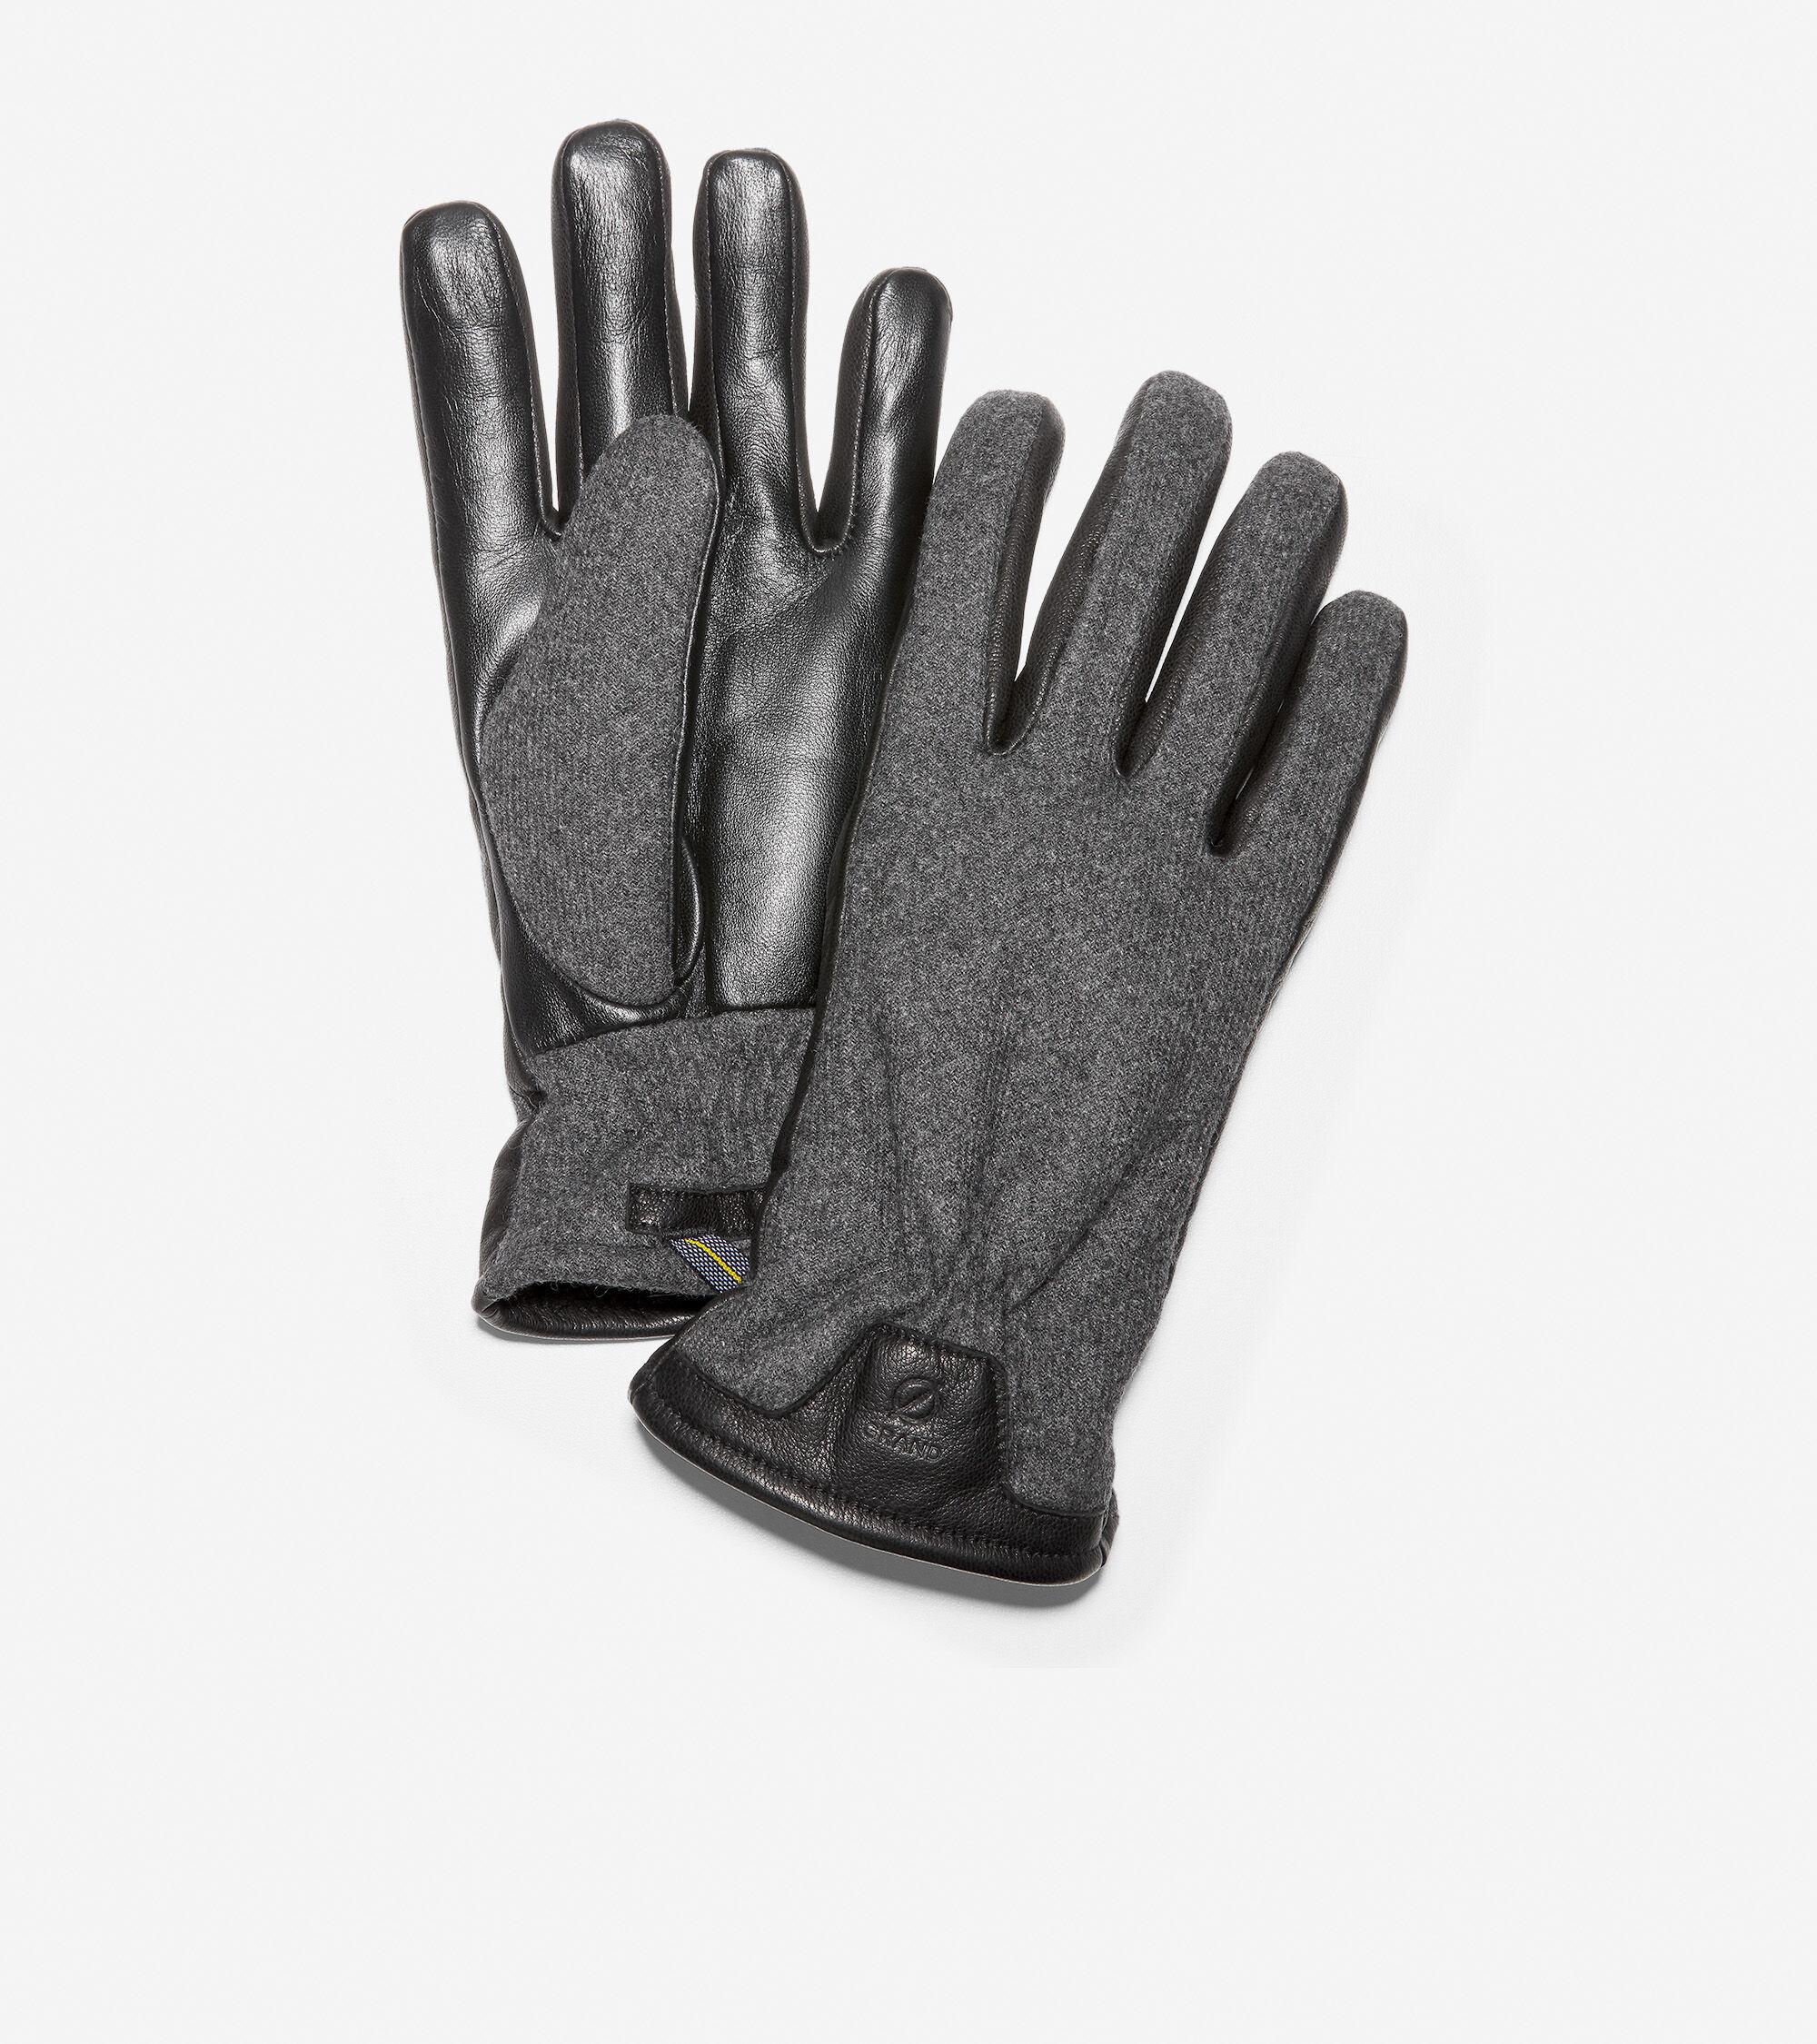 Cole Haan Men's ZEROGRAND Wool Glove